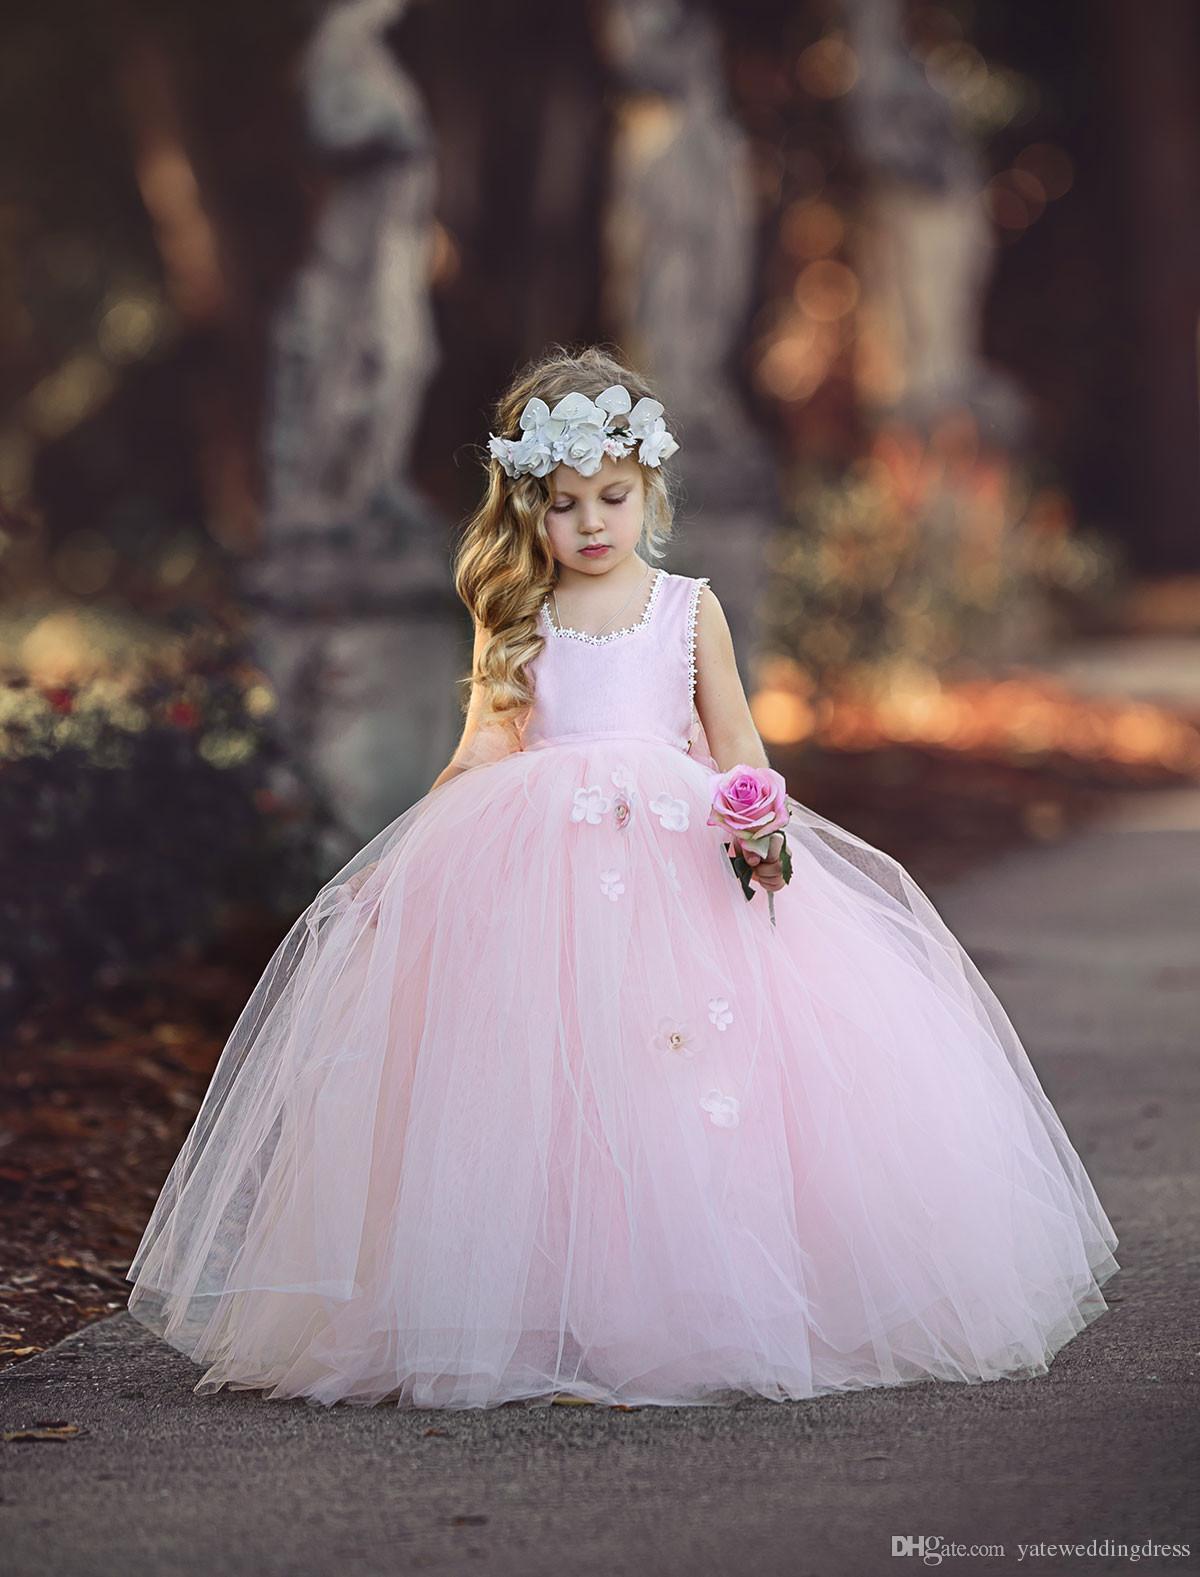 Hellrosa Blumen Mädchen Kleider Scoop Ausschnitt Ärmellos Geburtstag Kleid Zurück Reißverschluss Ballkleid Mit Handgemachten Blumen Tiered Custom Made